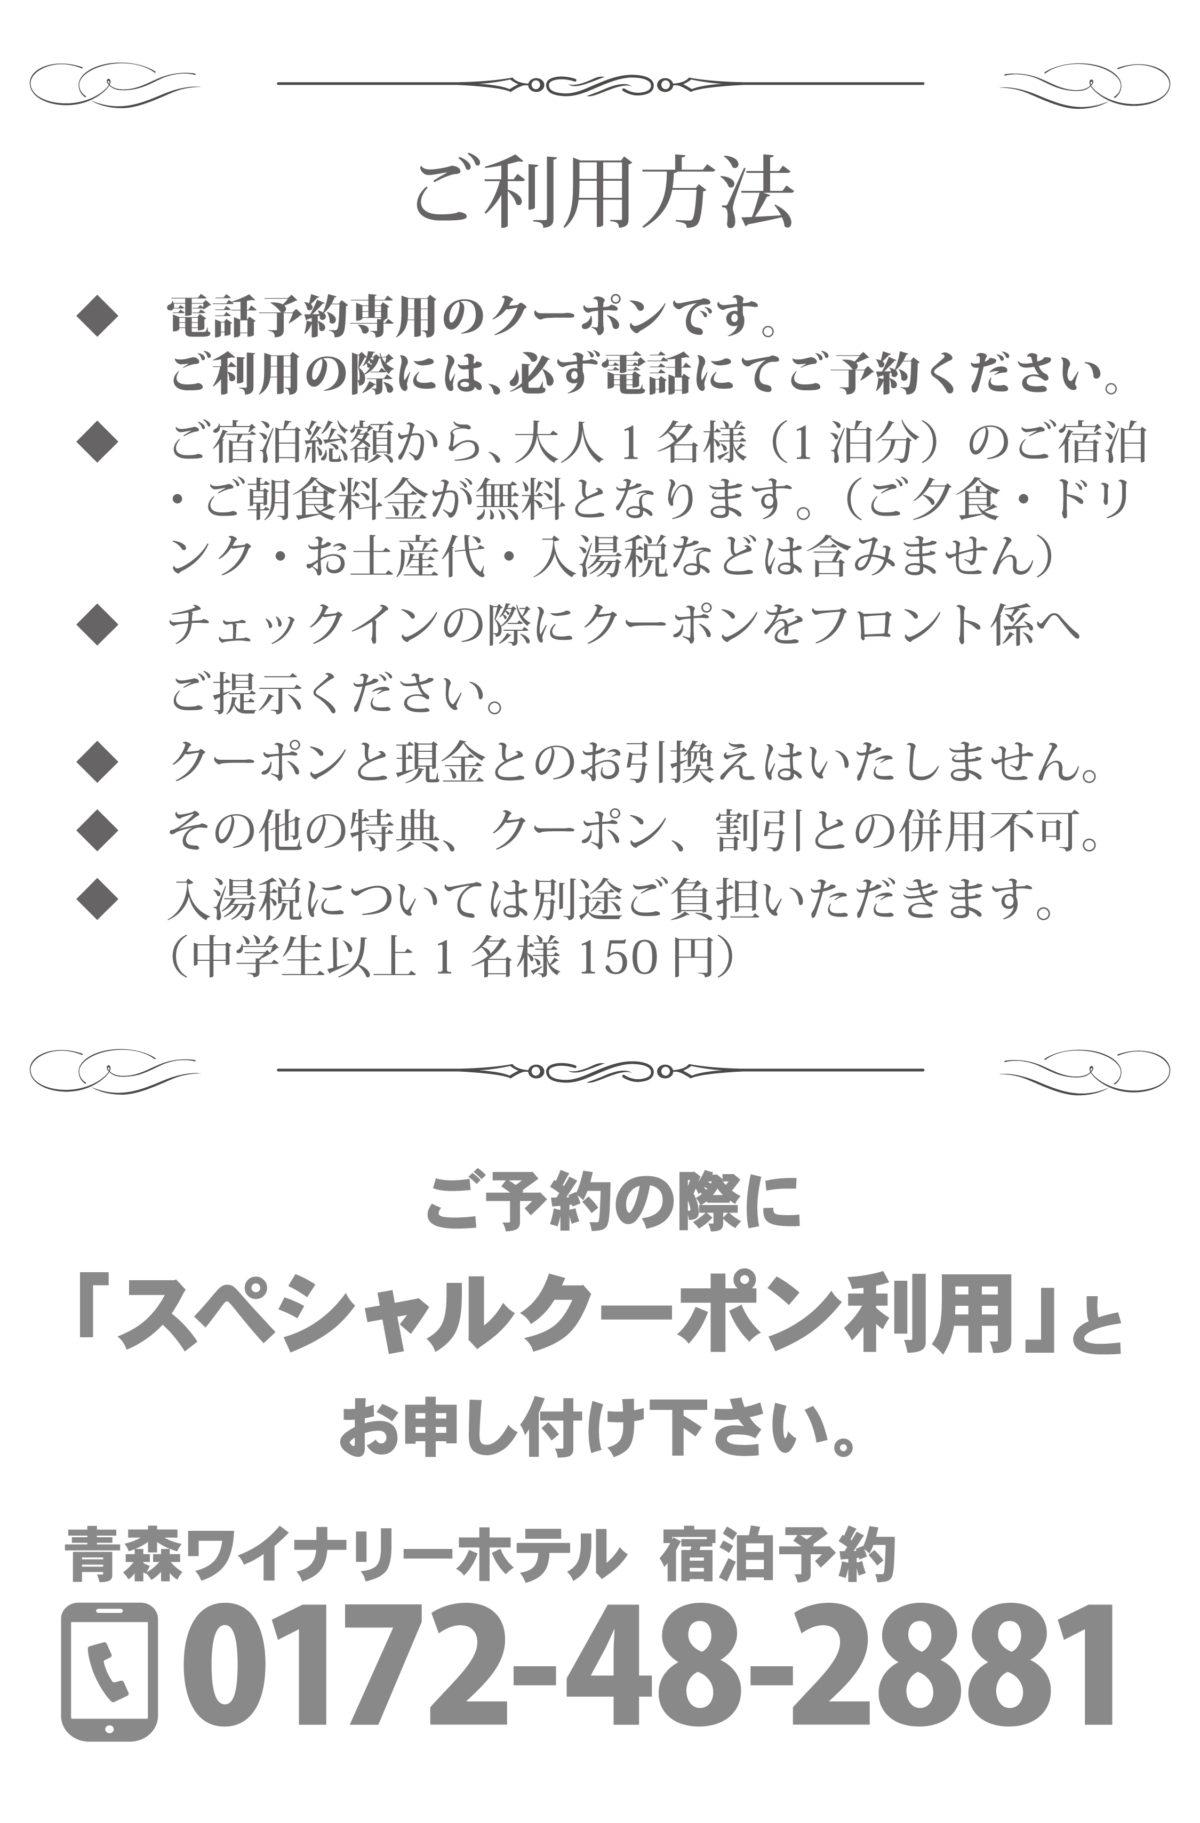 クーポン_うら